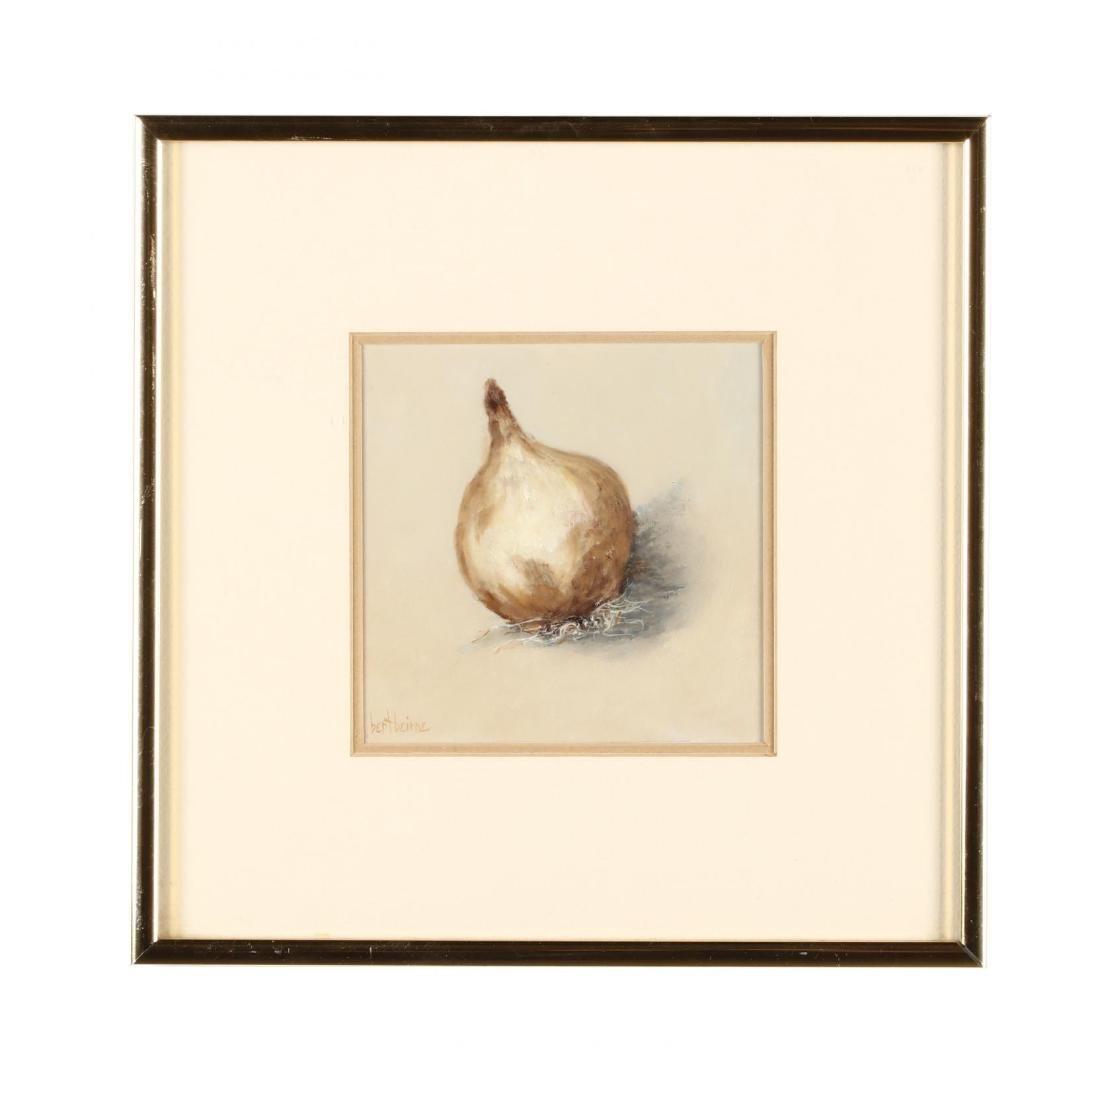 Bert Beirne (GA), An Onion